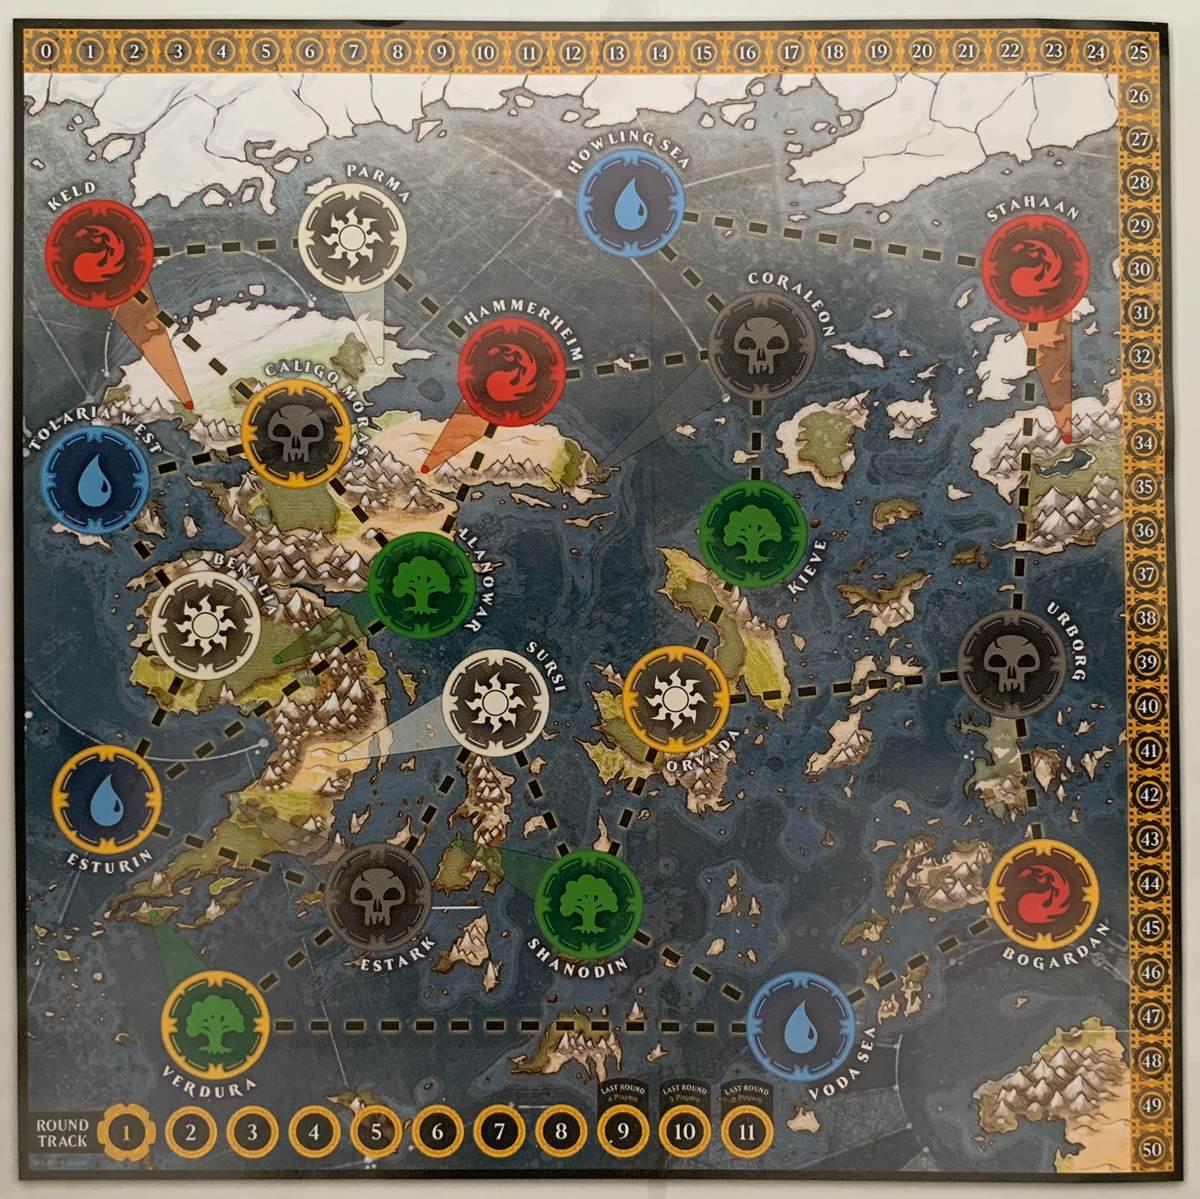 игровая карта Доминарии в Heroes of Dominaria